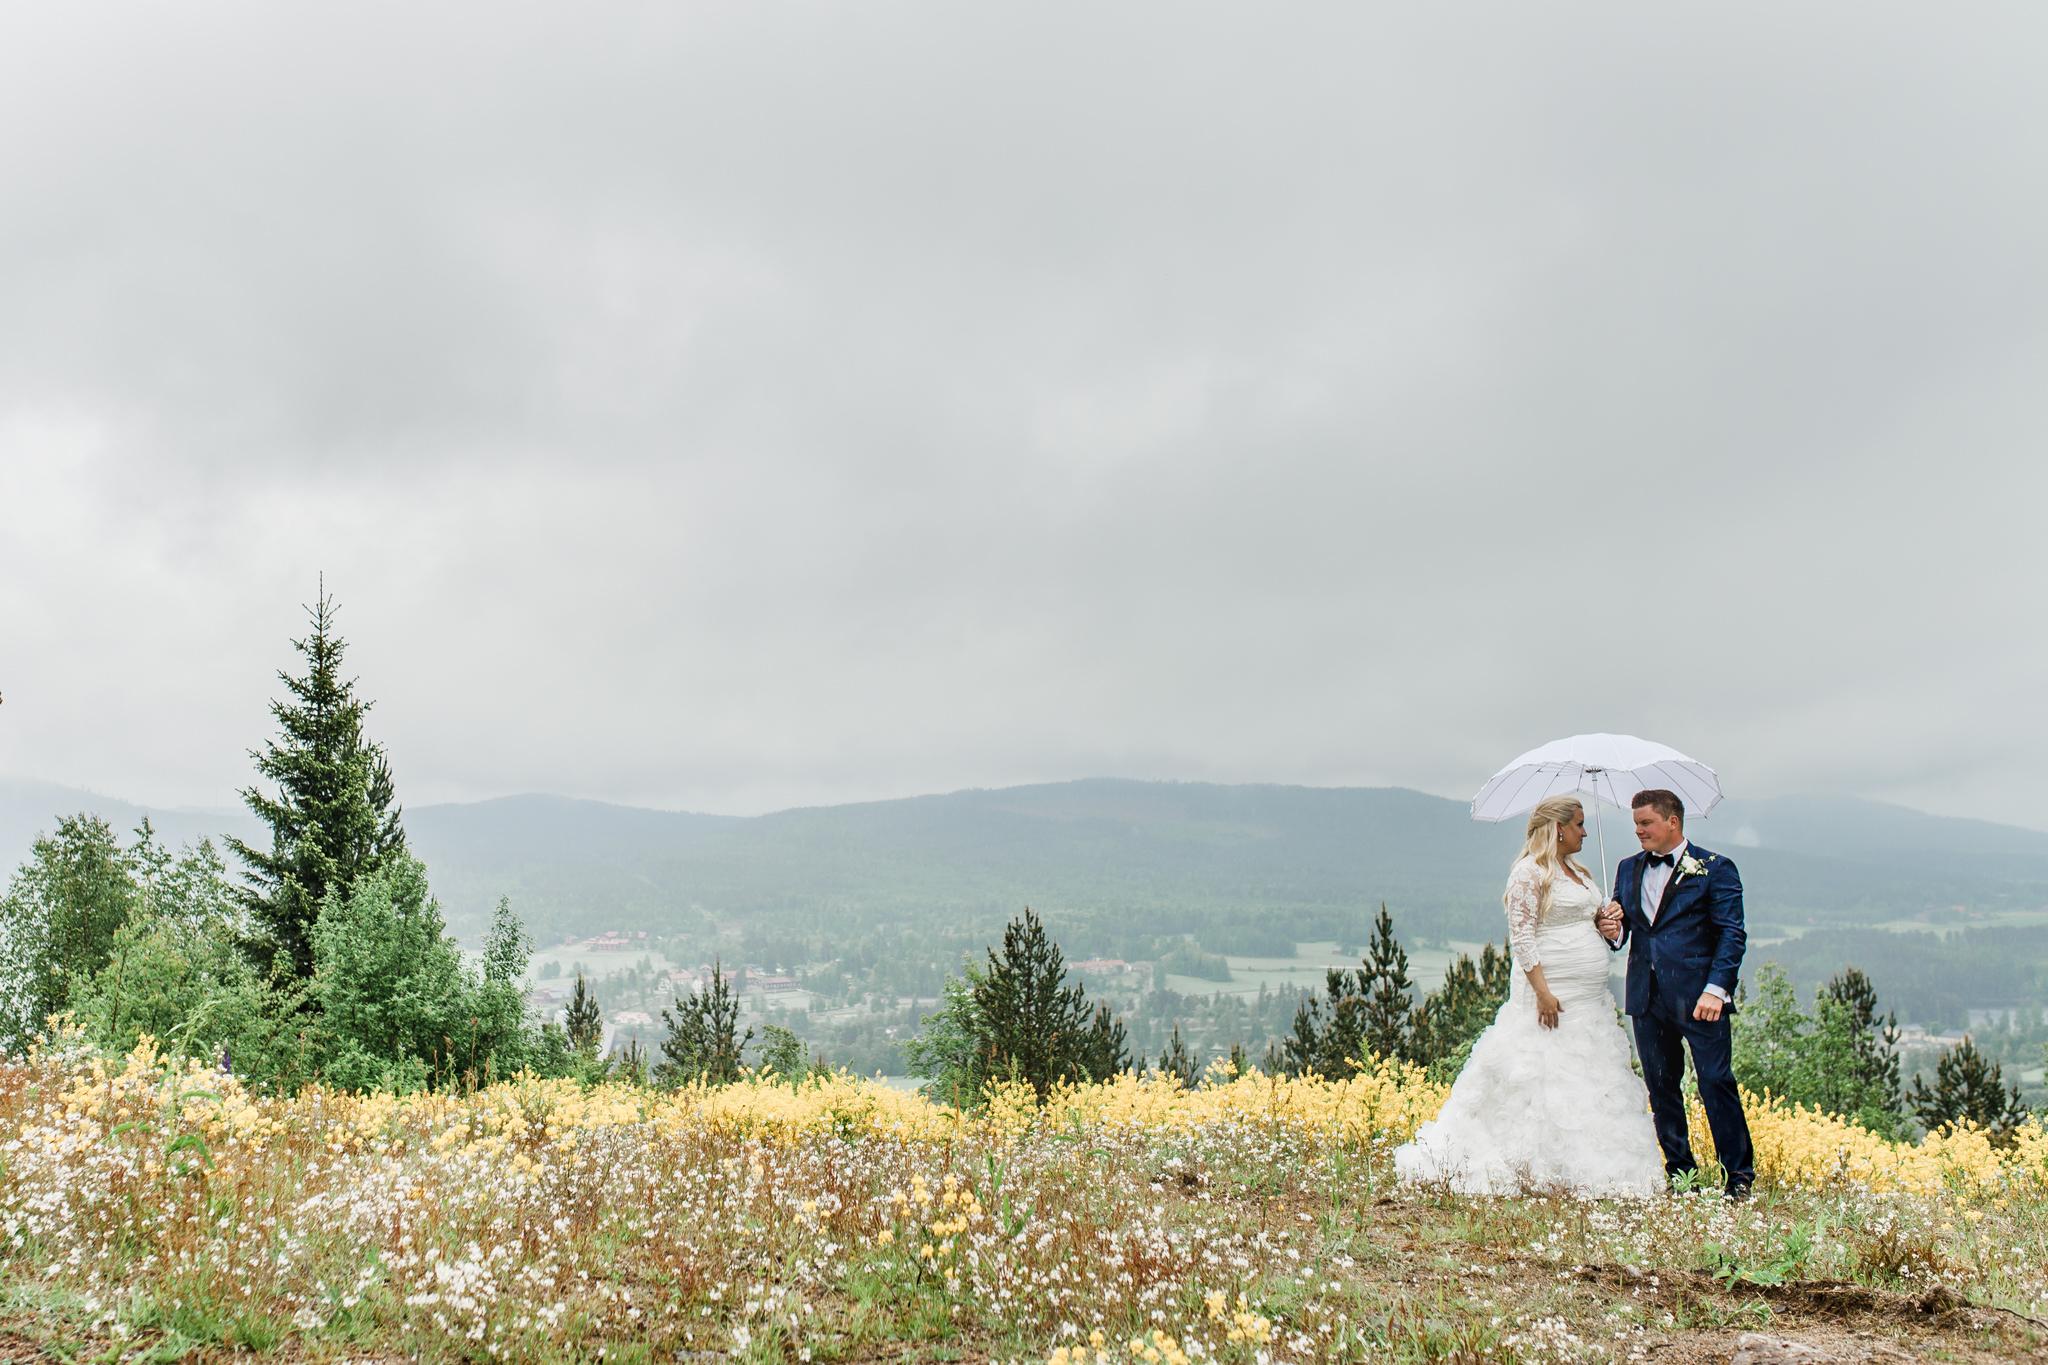 Bröllopsfotografering i Järvsö på Järvsöbacken